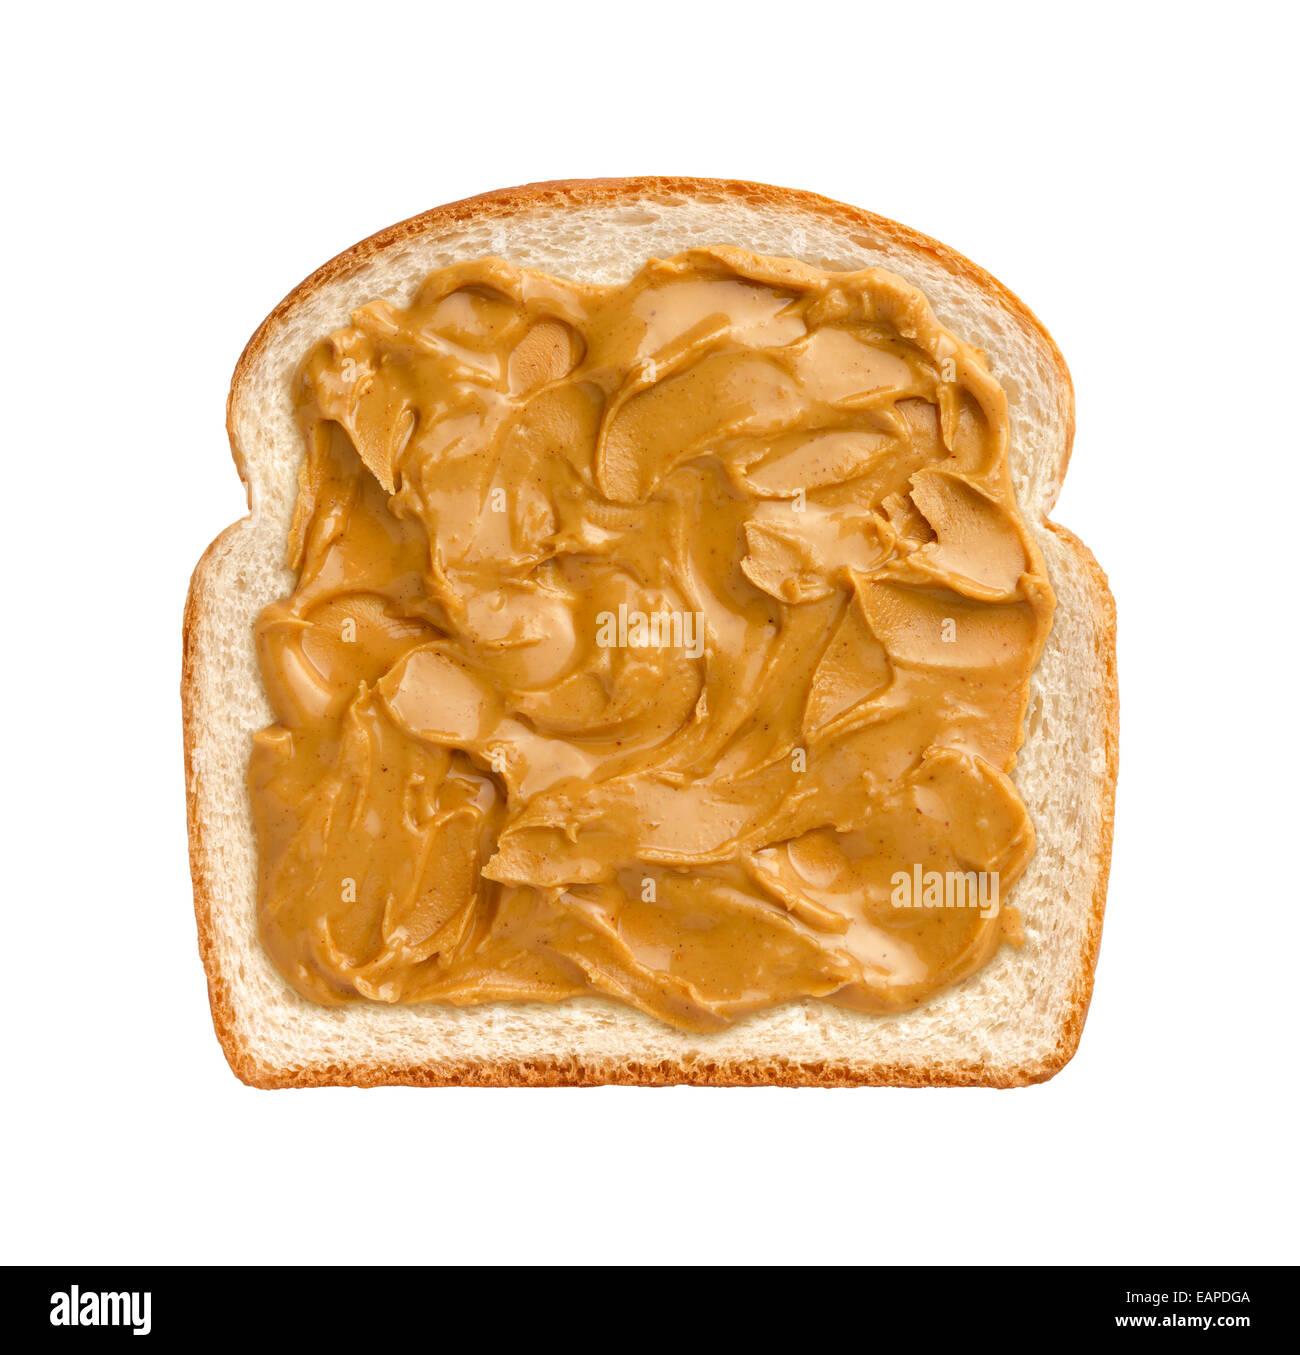 Vista aerea del moto vorticoso di burro di arachidi su una fetta di pane bianco. Il soggetto è isolato su uno Immagini Stock